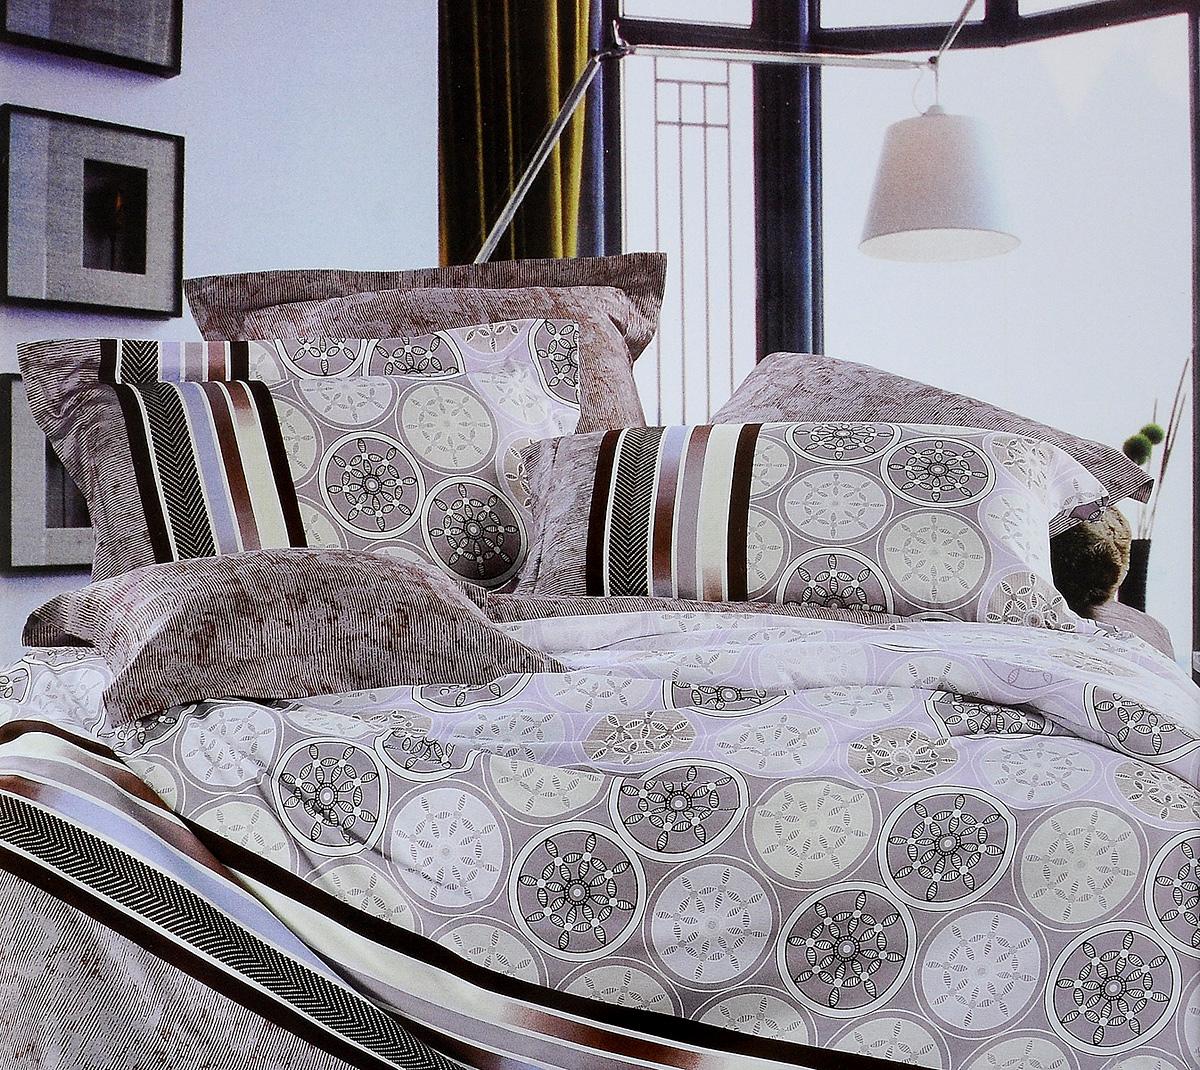 Комплект белья Tiffanys Secret Монако, евро, наволочки 70х70, цвет: кофейный204111212Комплект белья Tiffanys Secret Монако, выполненный из сатина (100% хлопка), состоит из пододеяльника, простыни и двух наволочек.Сатин производится из высших сортов хлопка, а своим блеском, легкостью и на ощупь напоминает шелк. Такая ткань рассчитана на 200 стирок и более. Постельное белье из сатина превращает жаркие летние ночи в прохладные и освежающие, а холодные зимние - в теплые и согревающие. Благодаря натуральному хлопку, комплект постельного белья из сатина приобретает способность пропускать воздух, давая возможность телу дышать. Одно из преимуществ материала в том, что он практически не мнется и ваша спальня всегда будет аккуратной и нарядной..Приобретая комплект постельного белья Tiffanys Secret Монако, вы можете быть уверенны в том, что покупка доставит вам и вашим близким удовольствие и подарит максимальный комфорт.